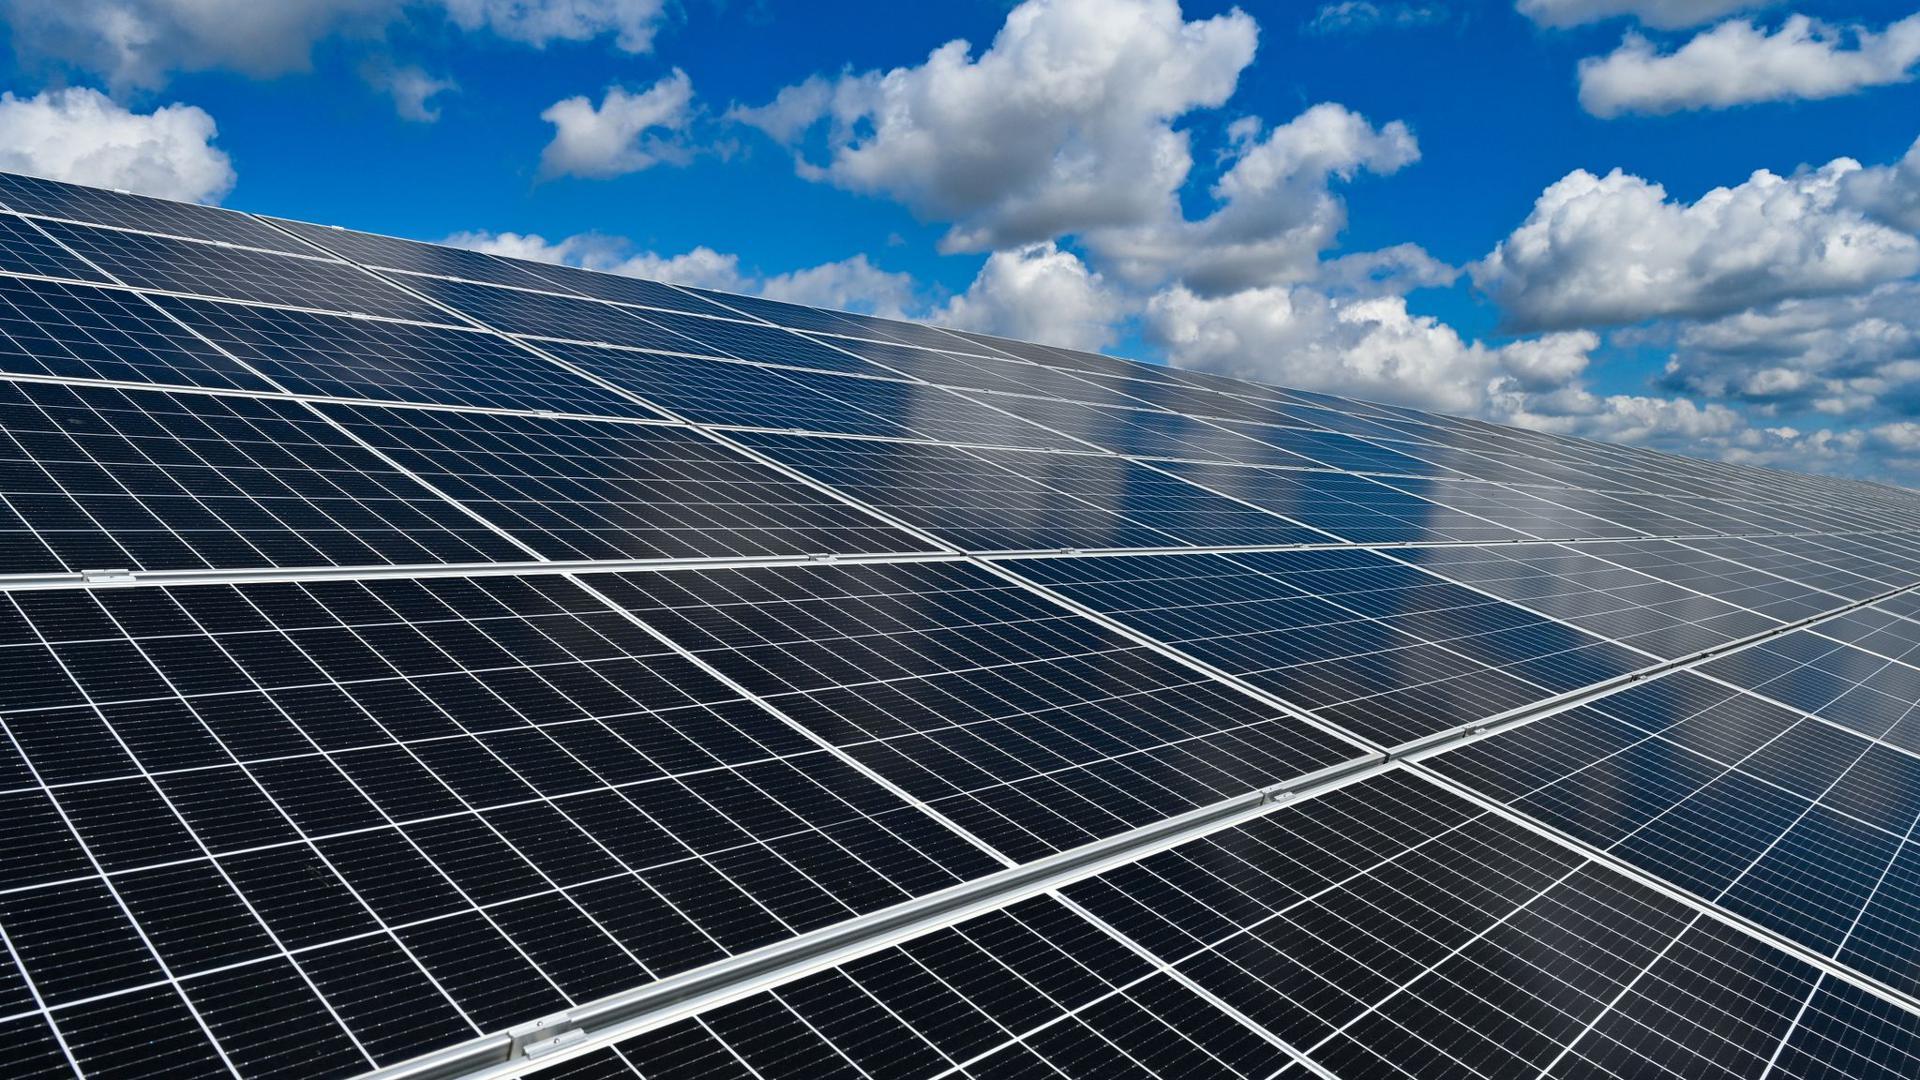 Die Solarbranche erwartet in den nächsten Jahren eine weitere Beschleunigung des Ausbaus der Sonnenenergie in Deutschland.